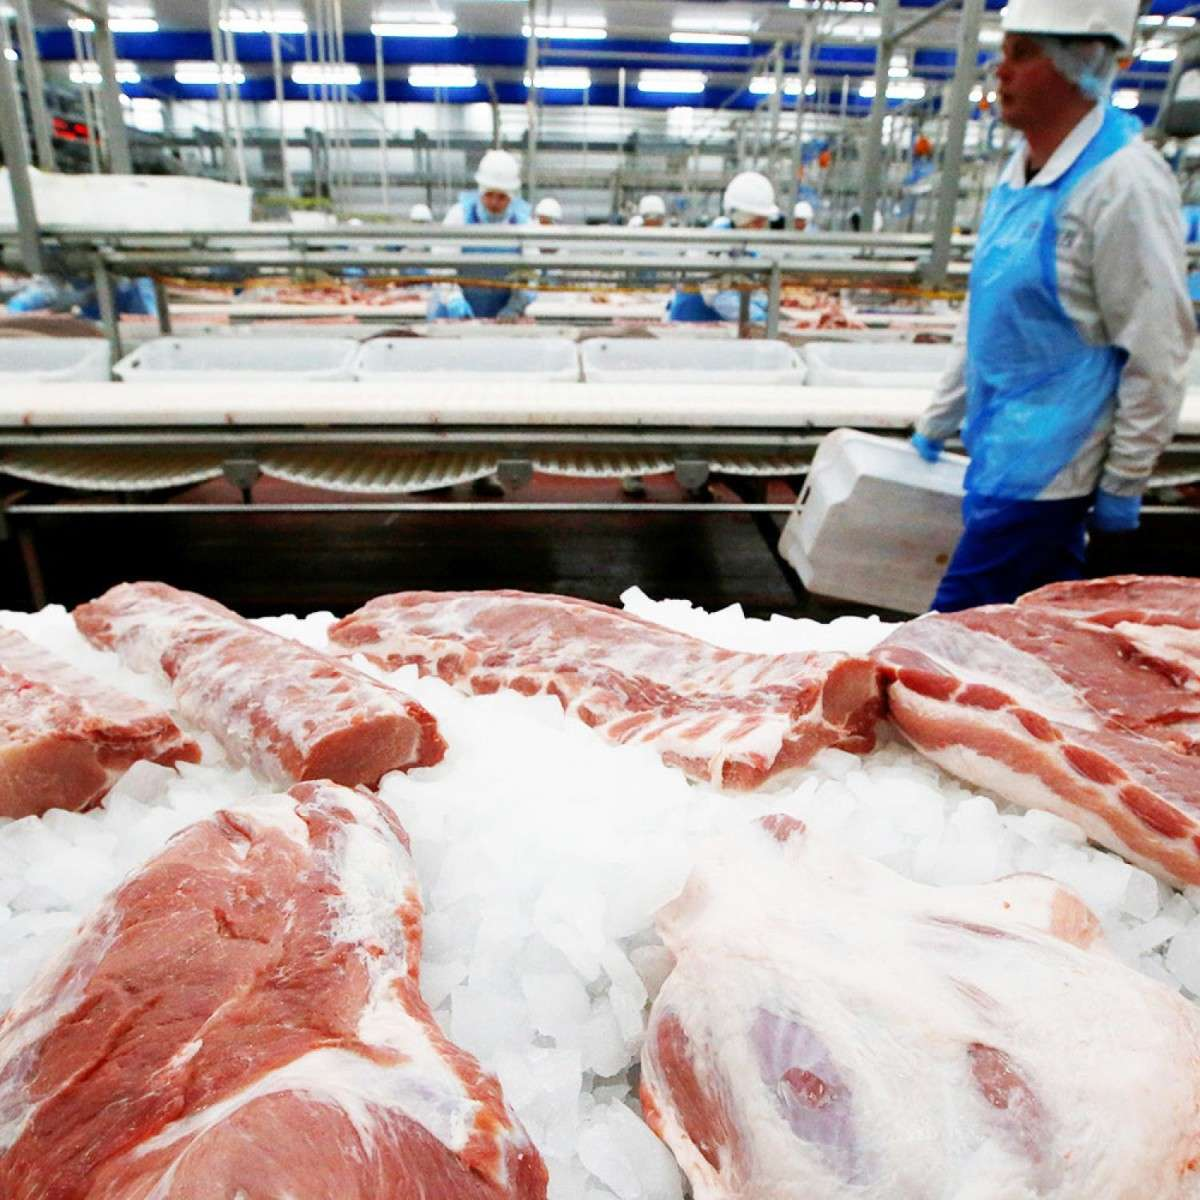 Россия расширила список попавших под продуктовое эмбарго товаров